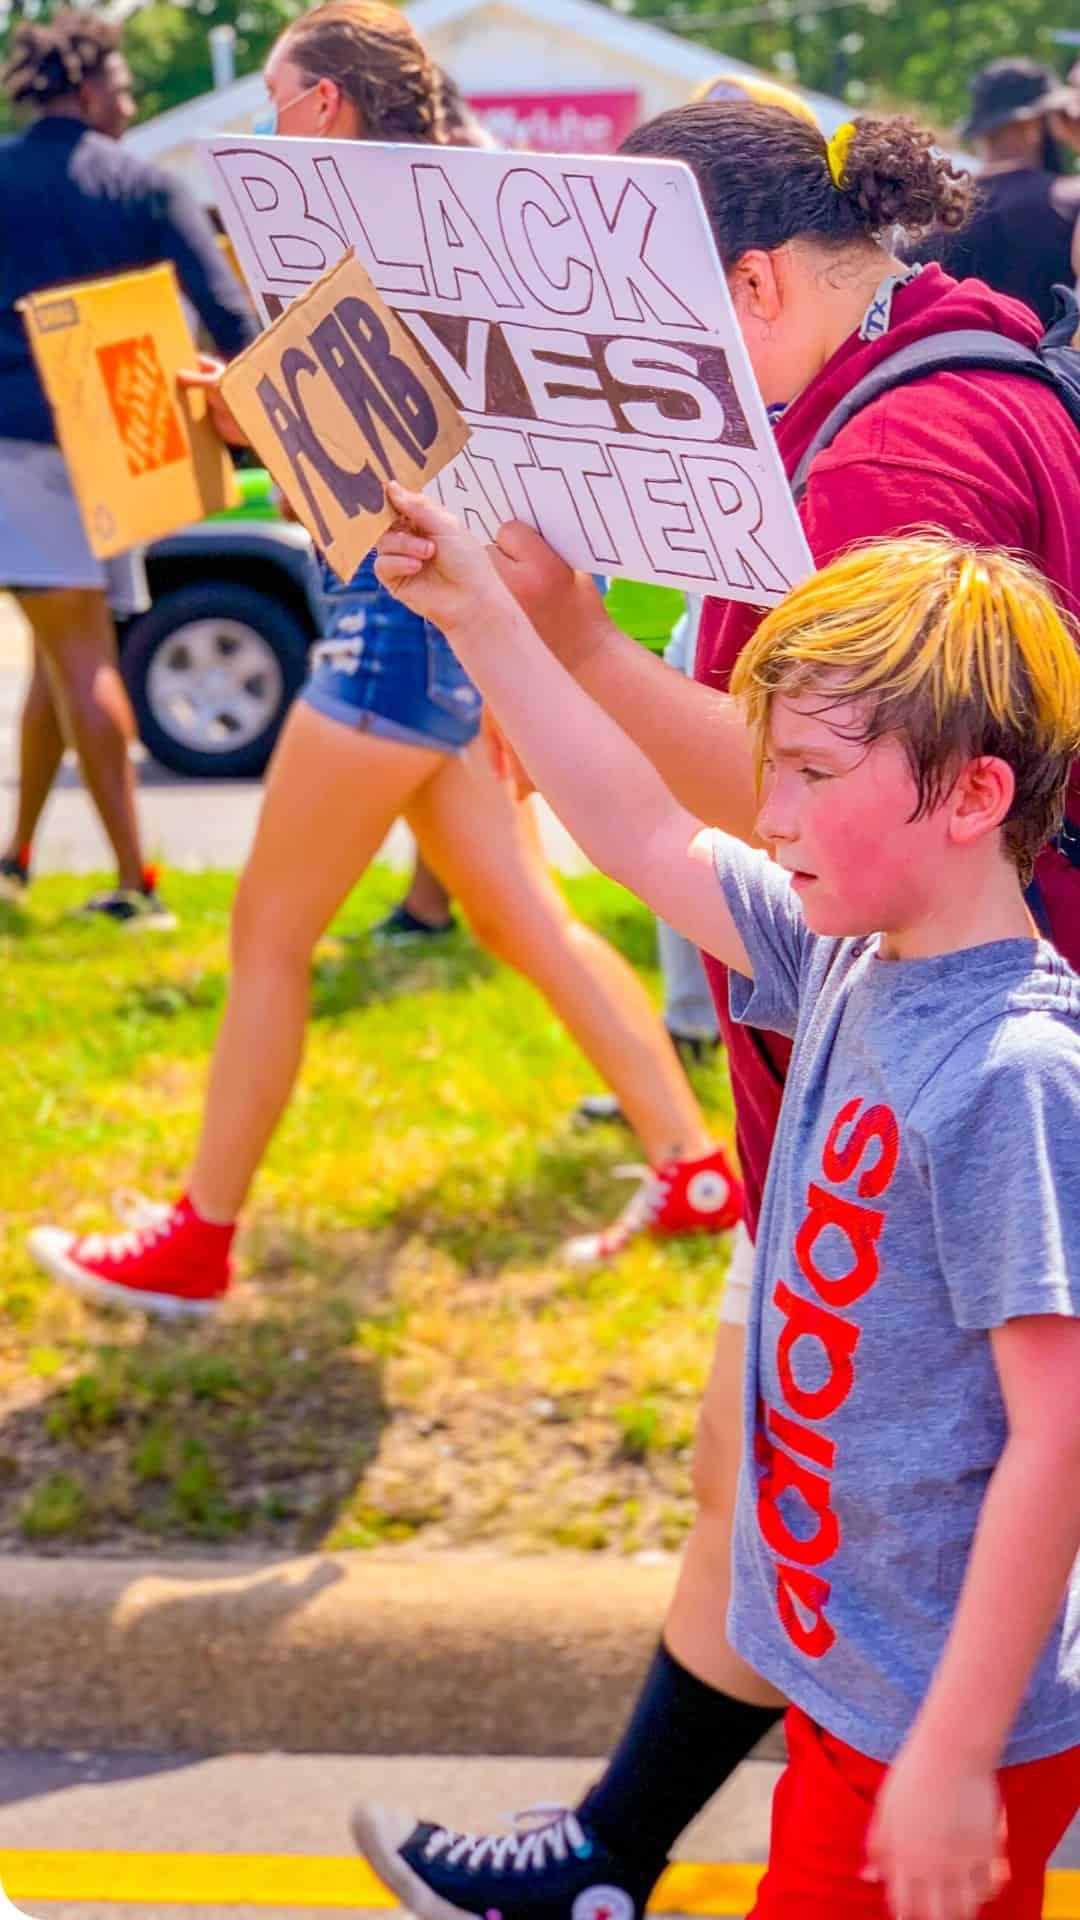 kids Black Lives Matter protest signs